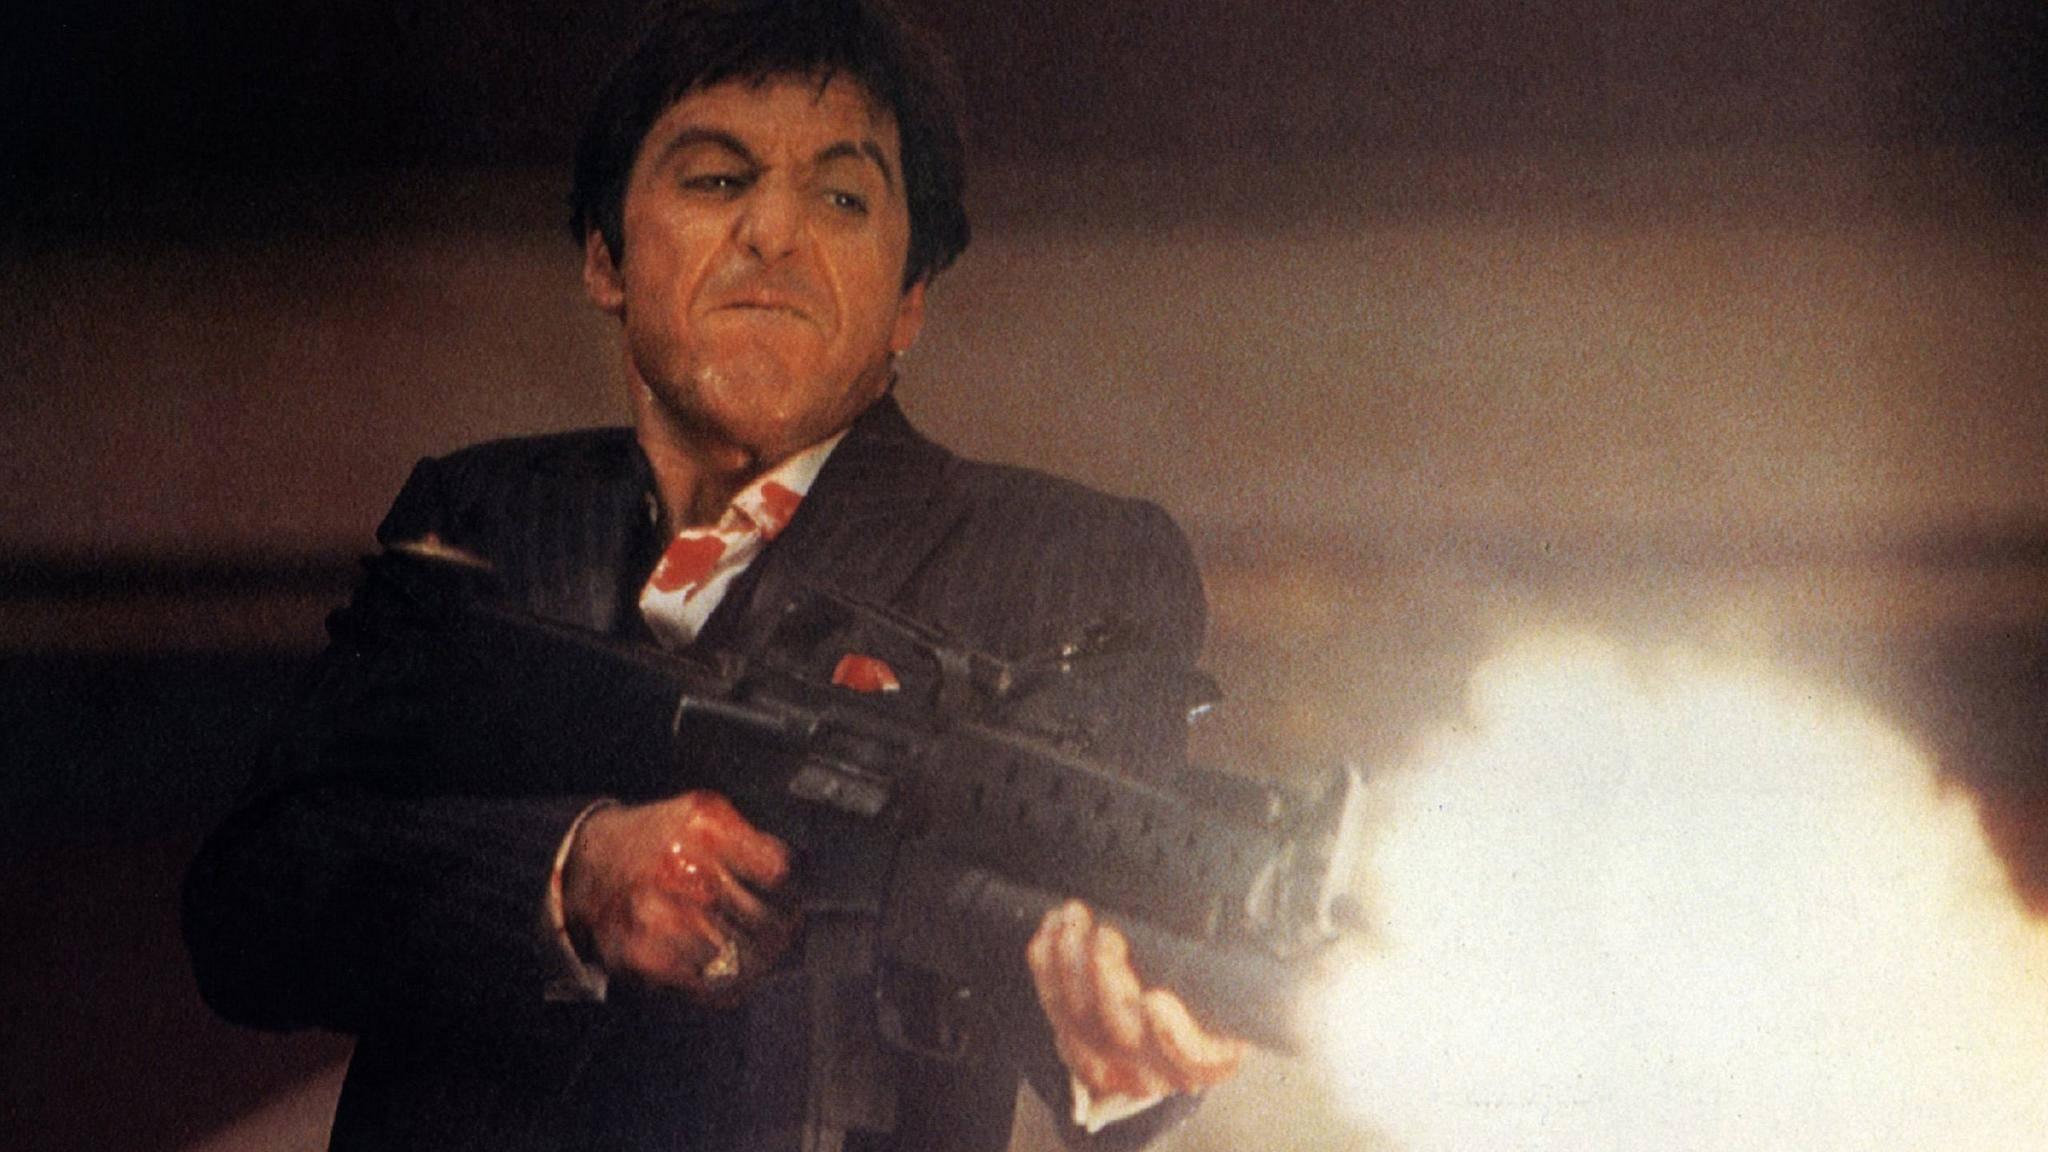 """Der König aller Drogenbosse: Al Pacino lieferte in """"Scarface"""" eine spektakuläre Performance ab."""